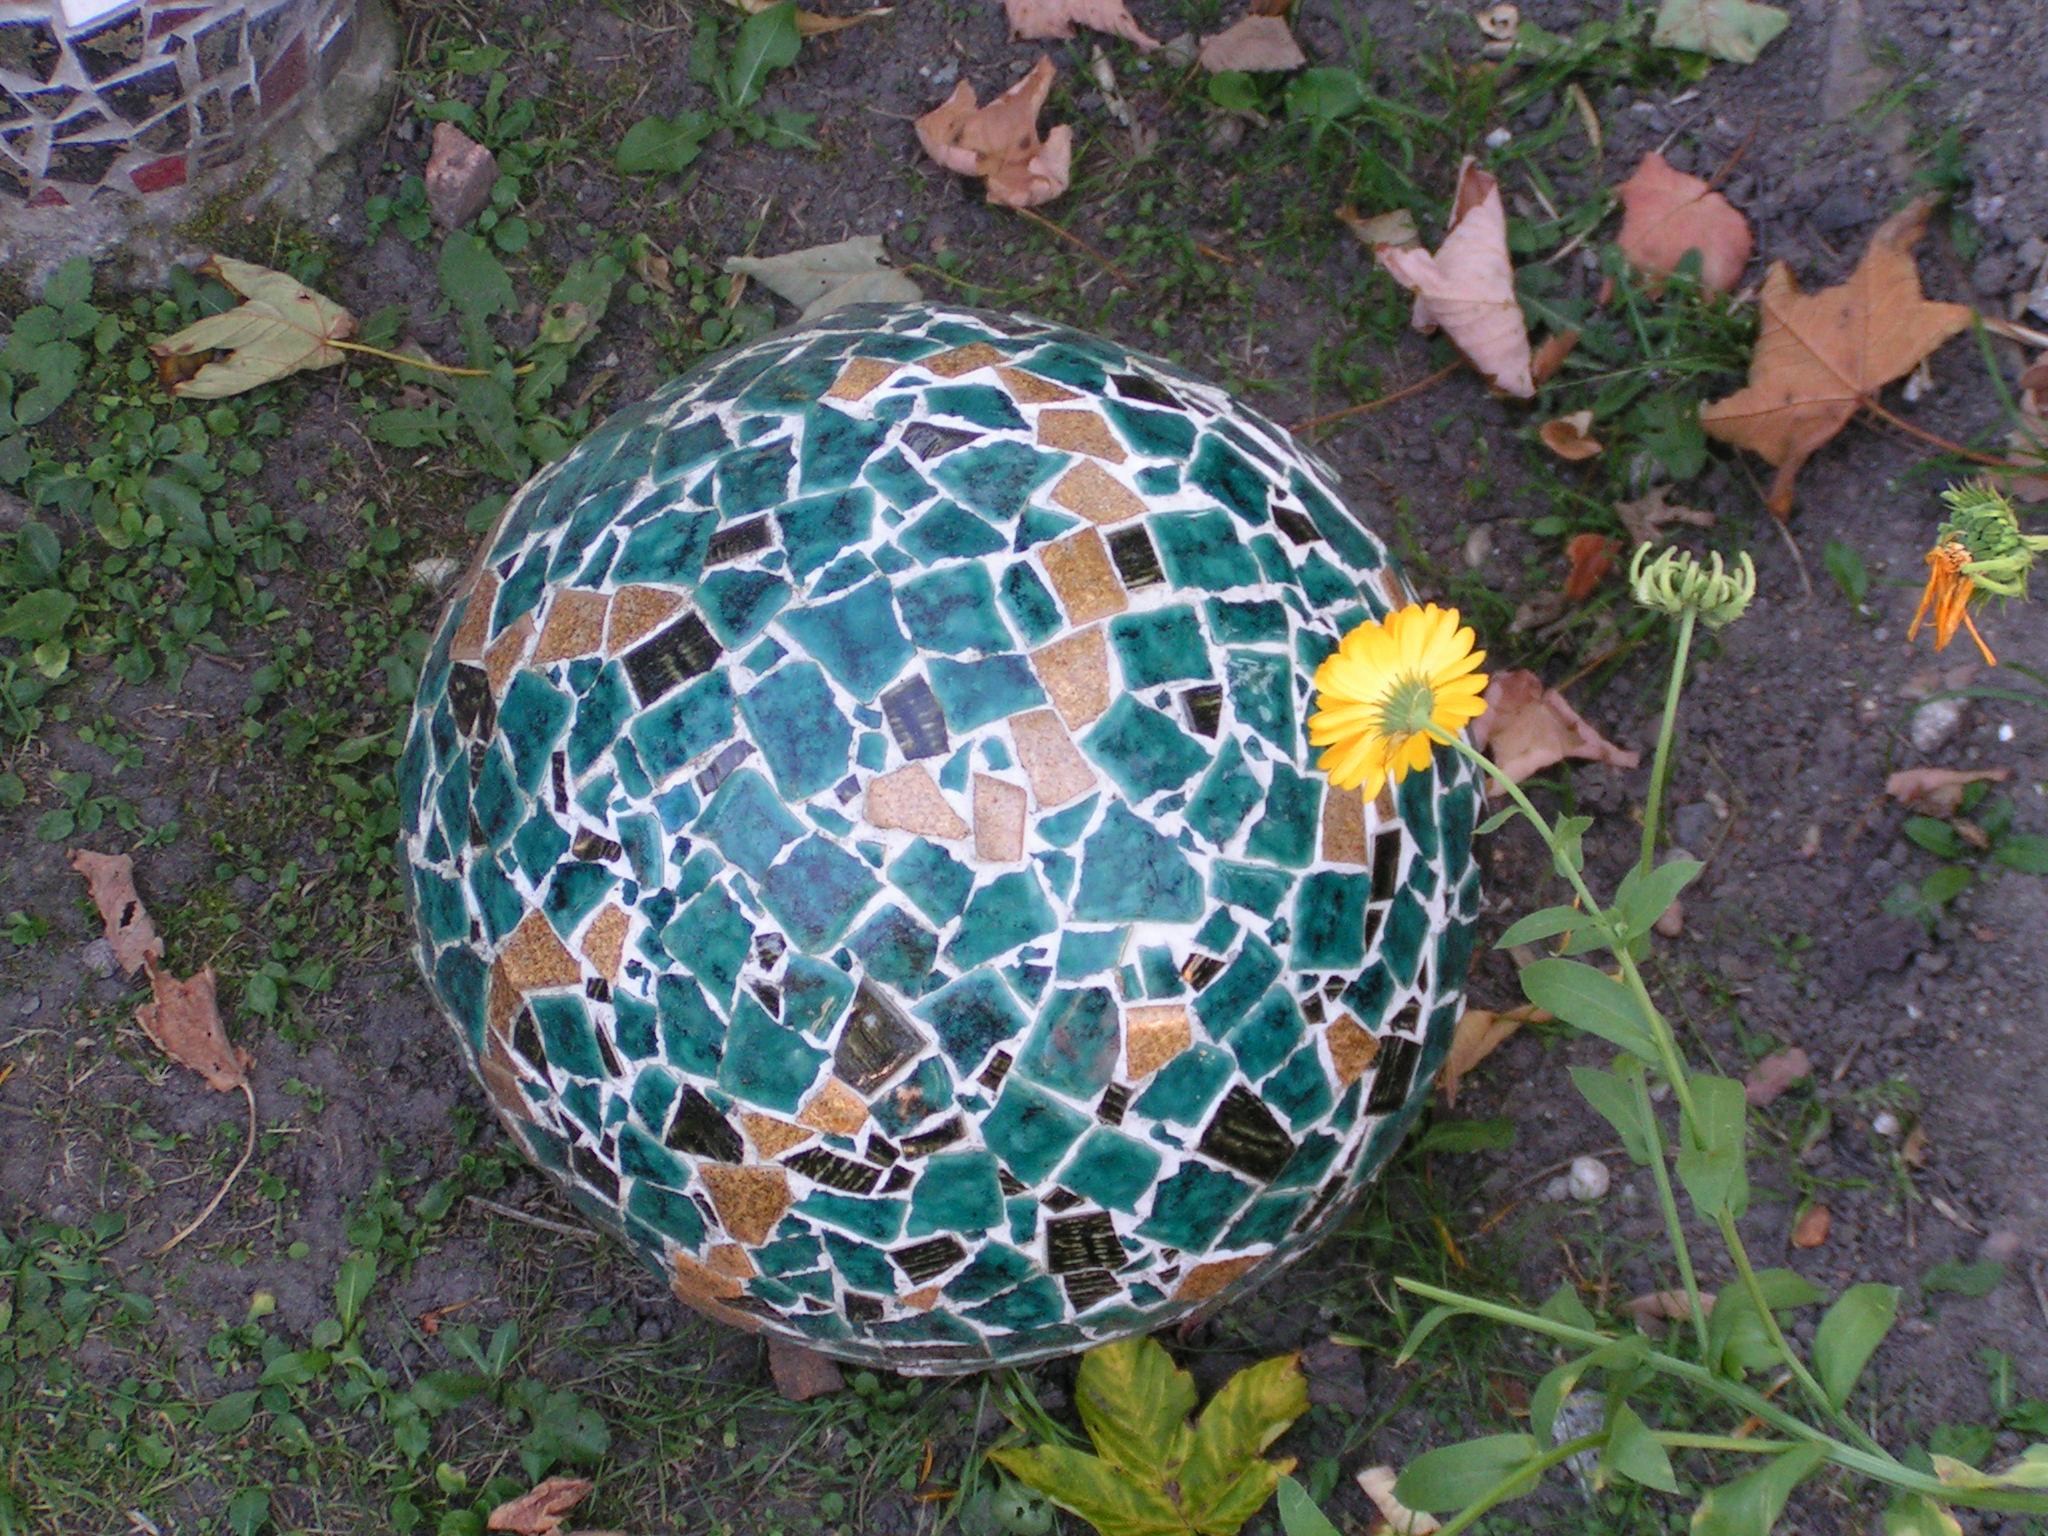 Kugle i mosaik - mosaic ball